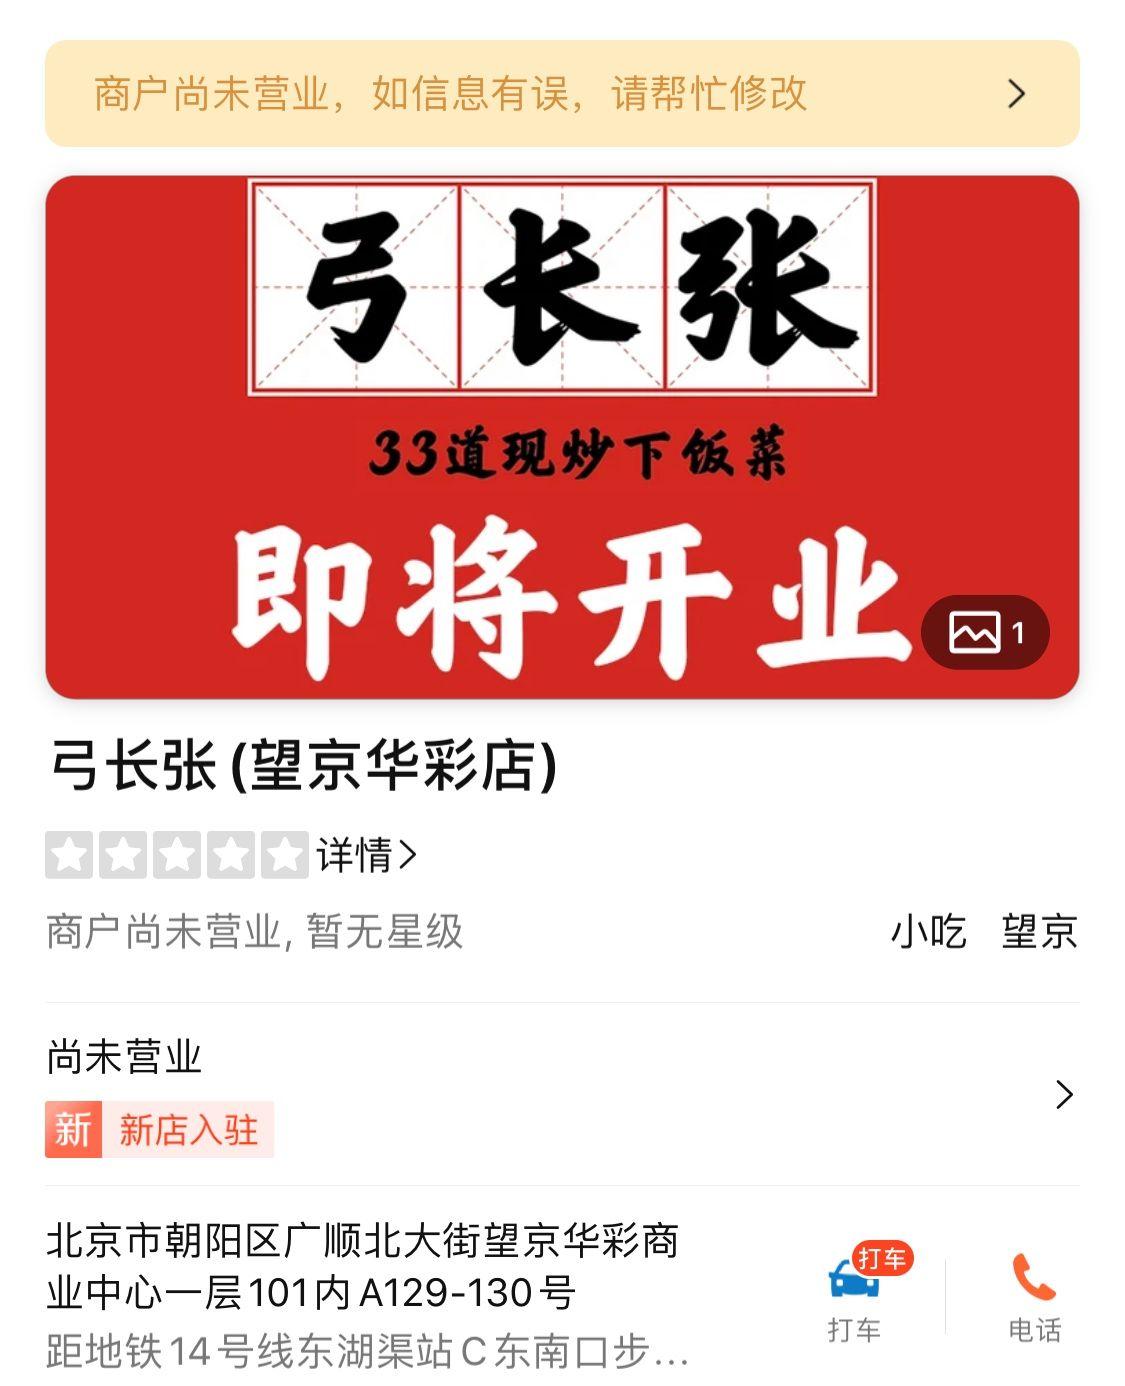 【摩臣2平台】未开业西摩臣2平台贝快餐新项目图片